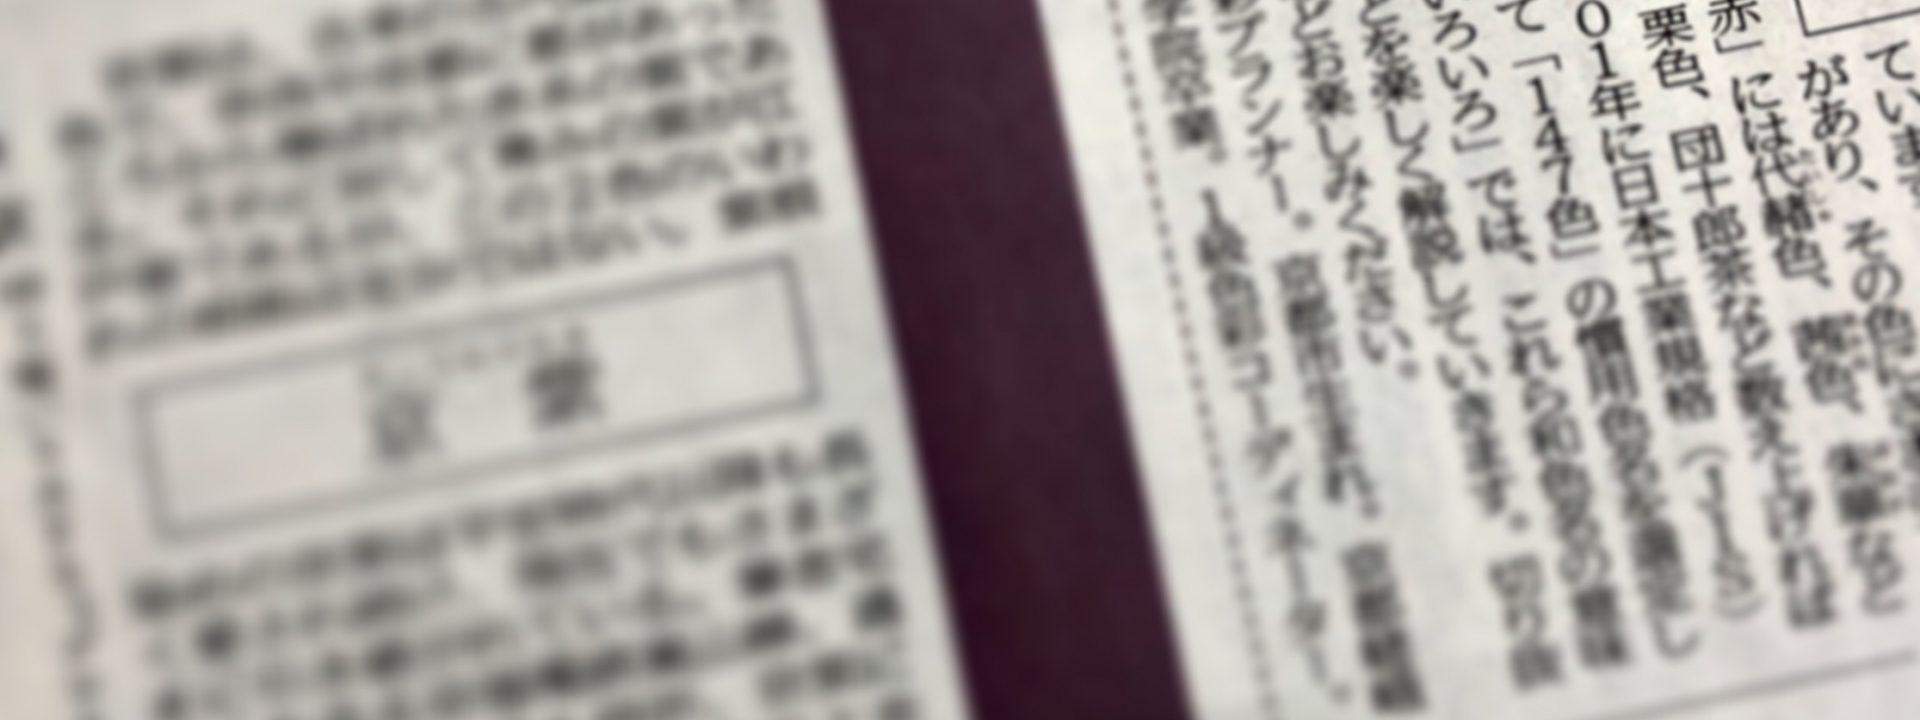 8/7から宮崎日日新聞に掲載